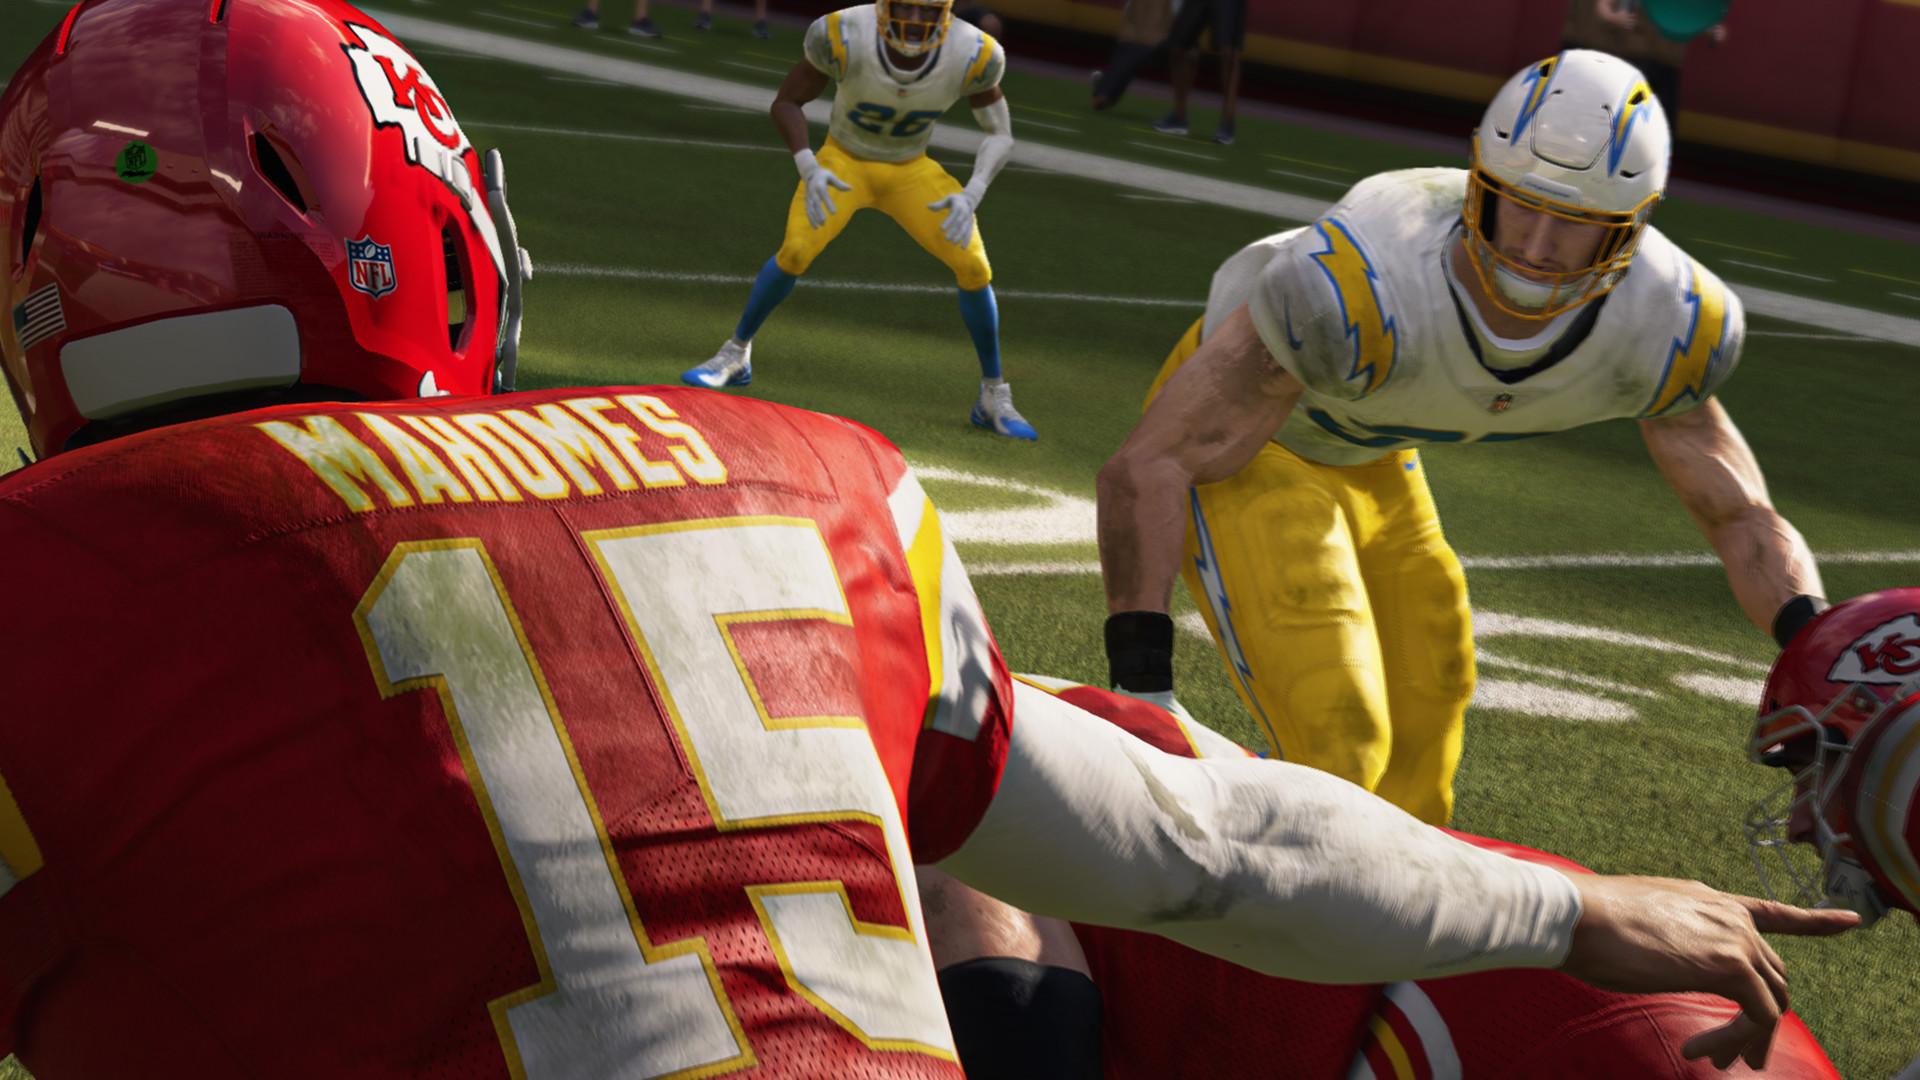 Super Bowl Tom Brady a intrat în istorie! Are mai multe trofee decât oricare franciză din NFL